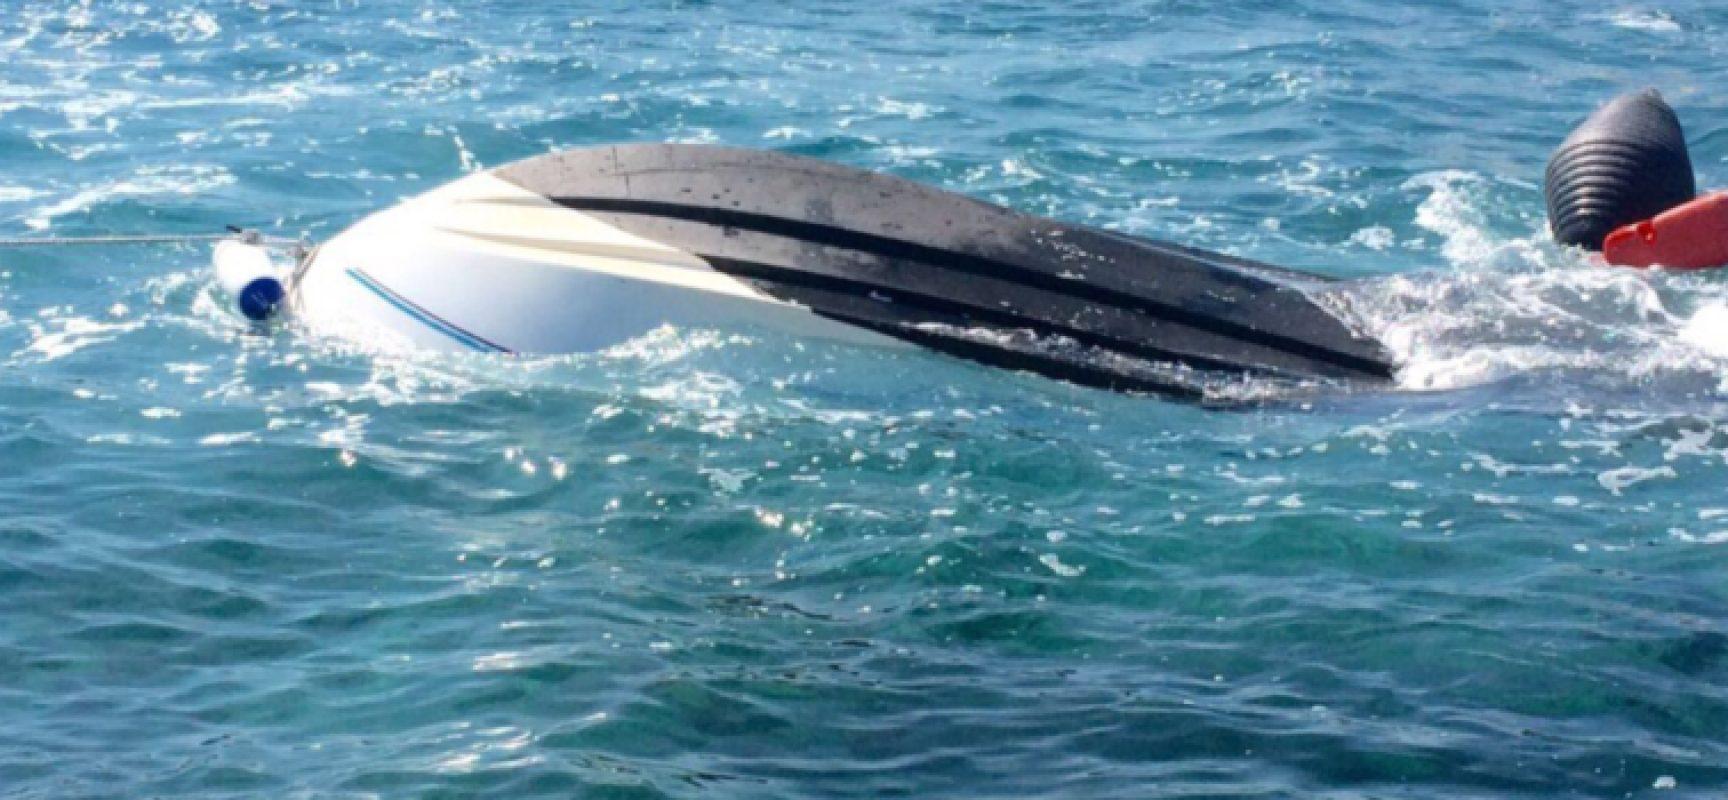 Affonda barca da diporto al largo delle Isole Tremiti, salvati 6 biscegliesi tra cui un bambino